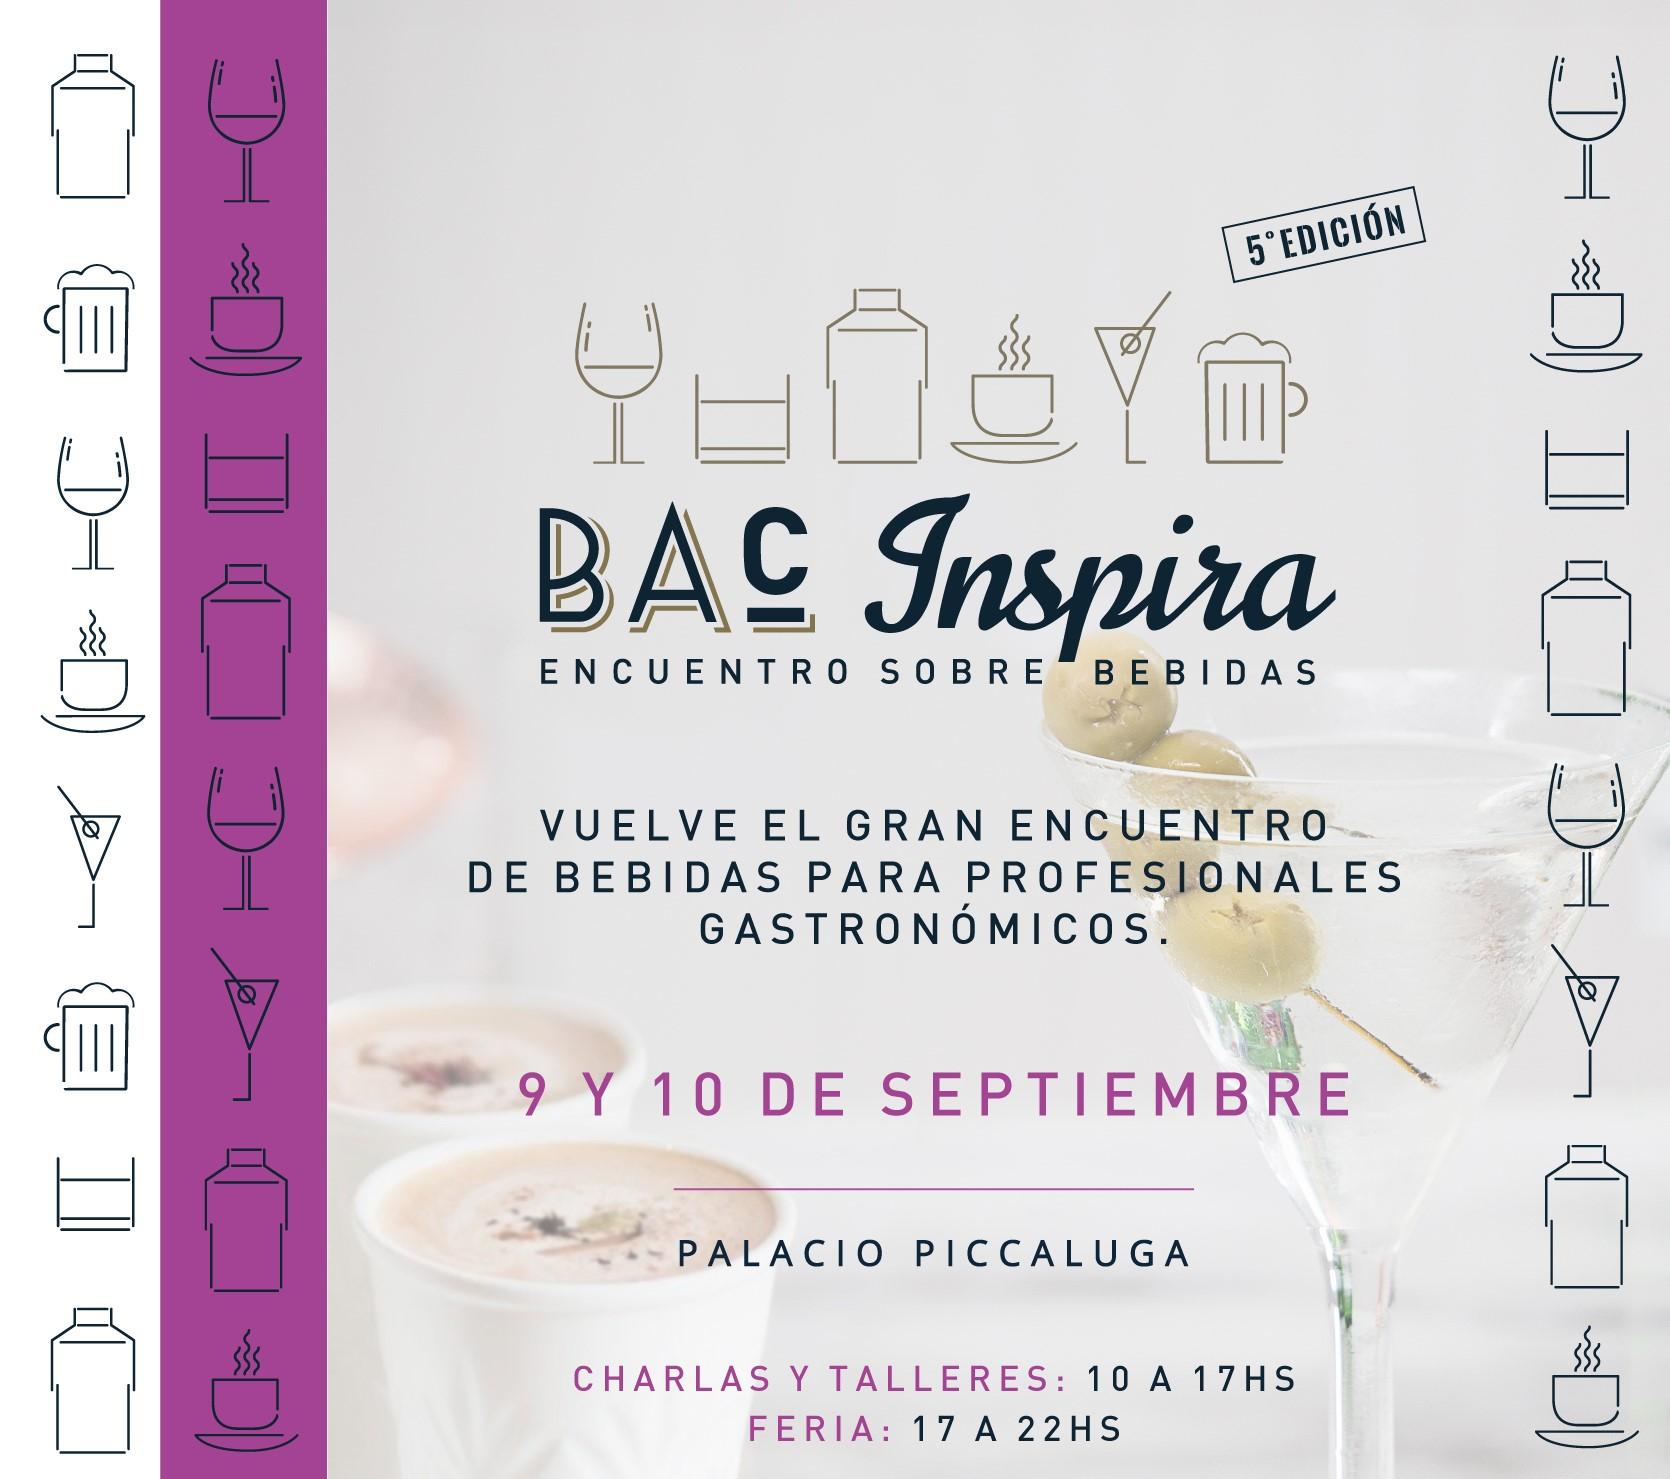 BACinspira_placa-01 crop.jpg